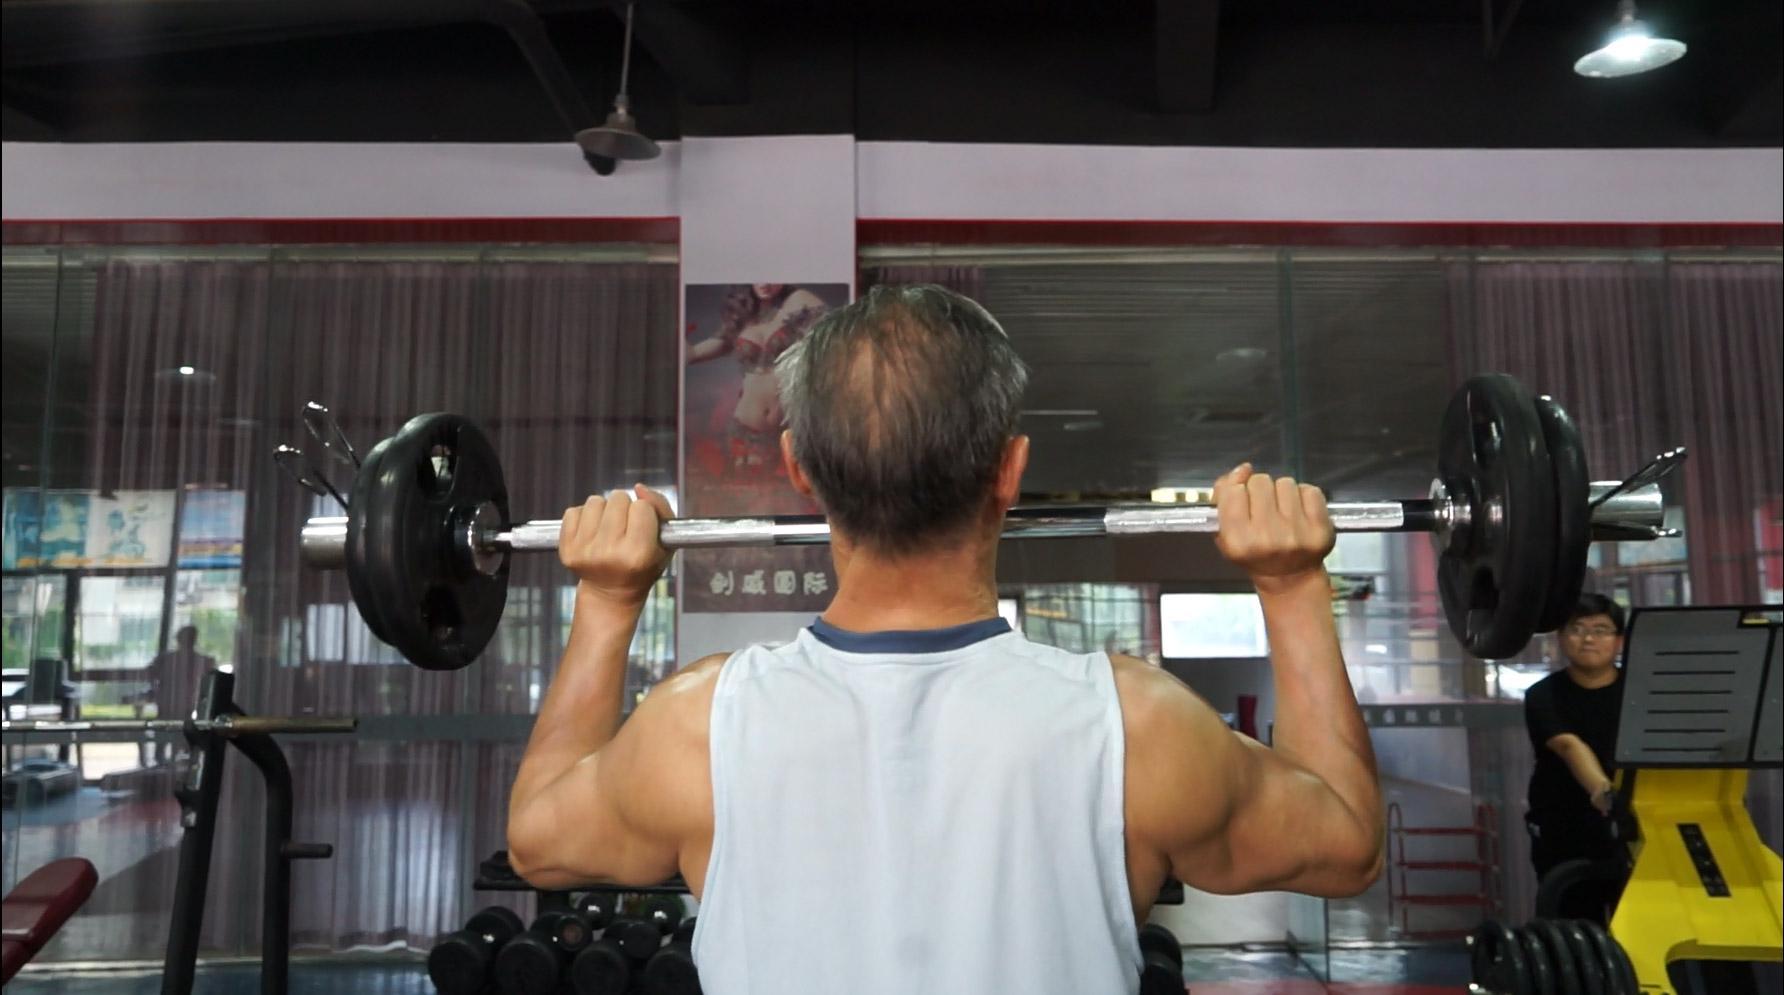 發揮余熱 幫助更多人強身健體